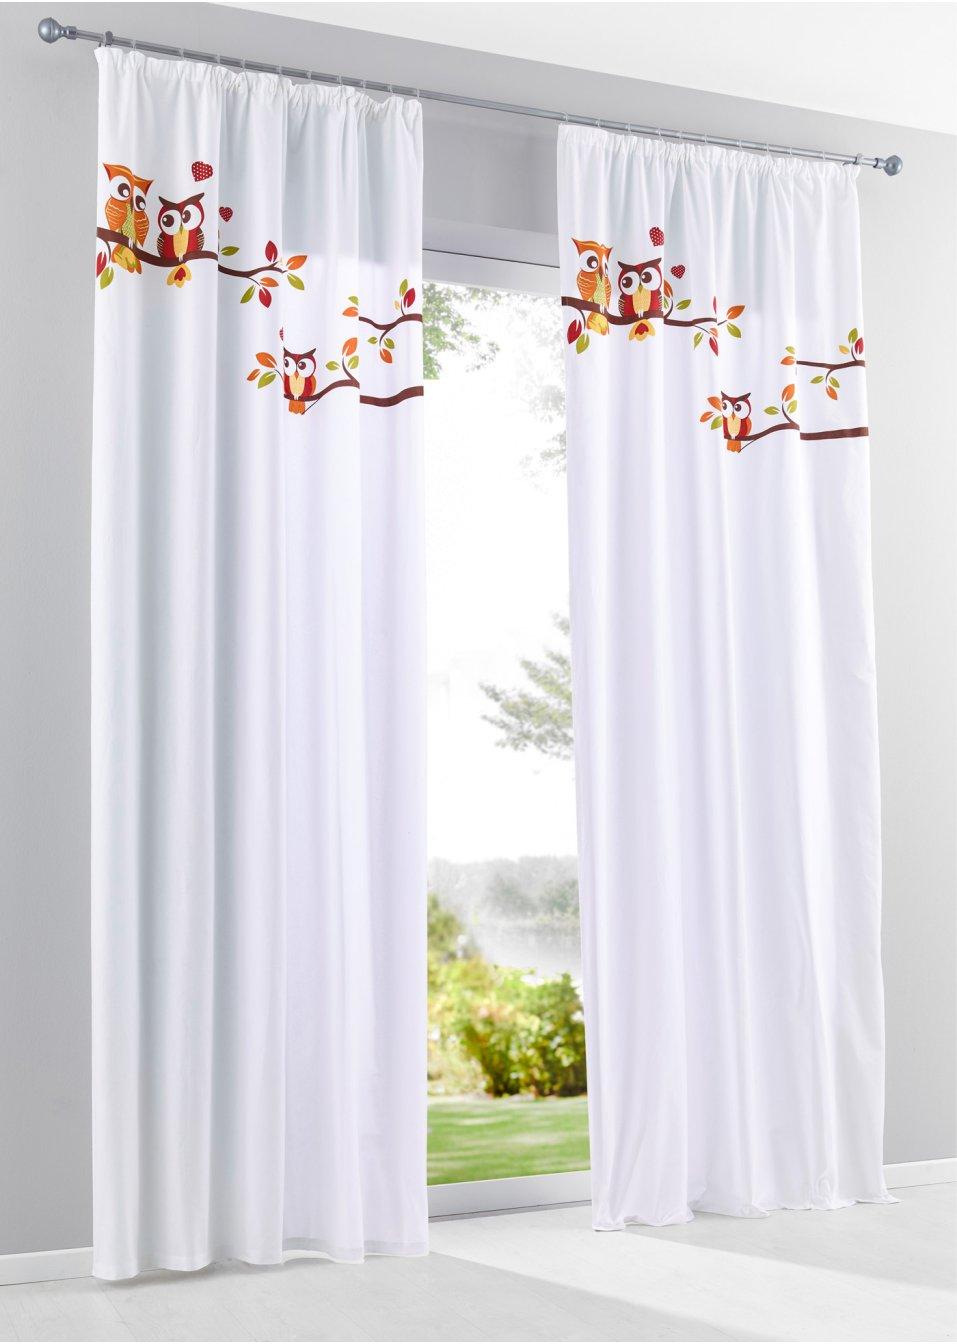 panneau chouette 1 pce blanc orange bpc living commande online. Black Bedroom Furniture Sets. Home Design Ideas